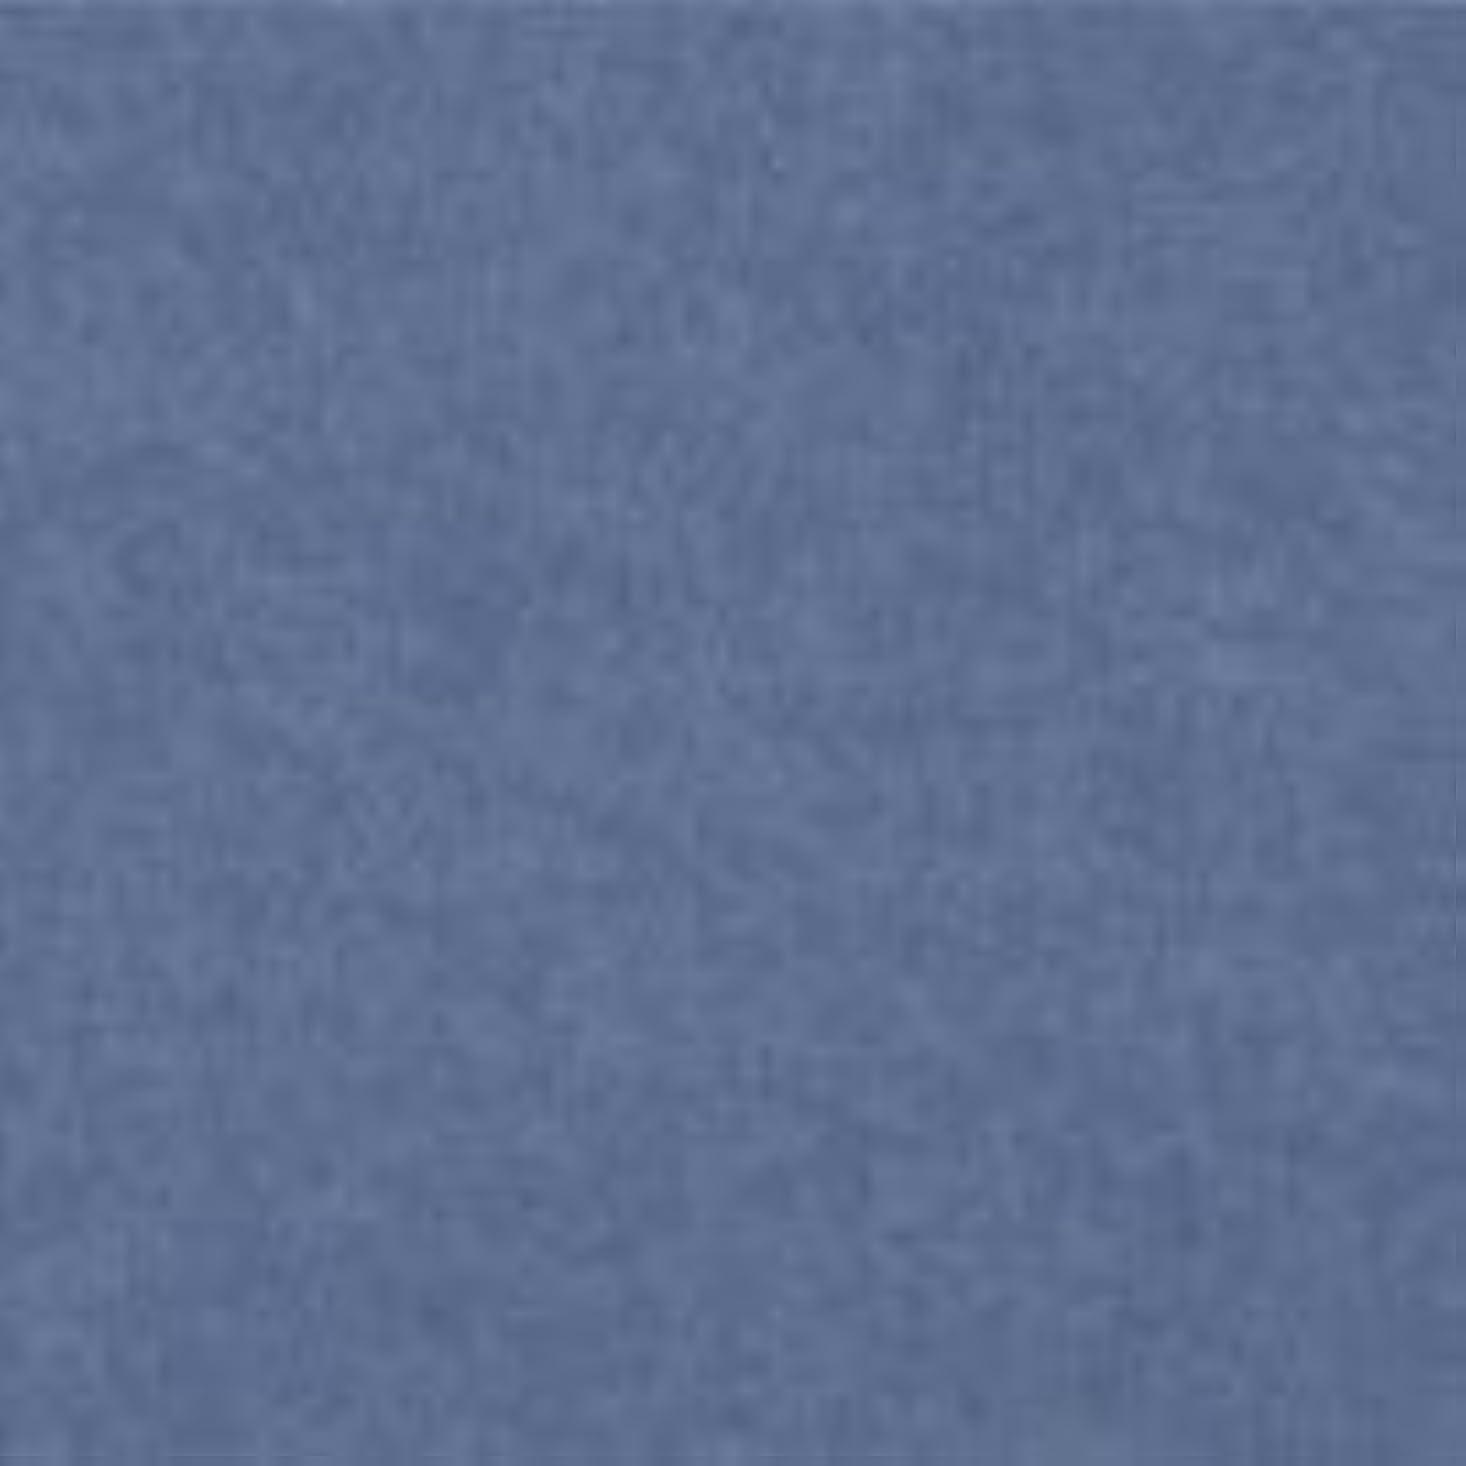 糸遅い吸着マット 吸着カーペット 洗えるマット 吸着シート 9枚セット (濃ブルー)